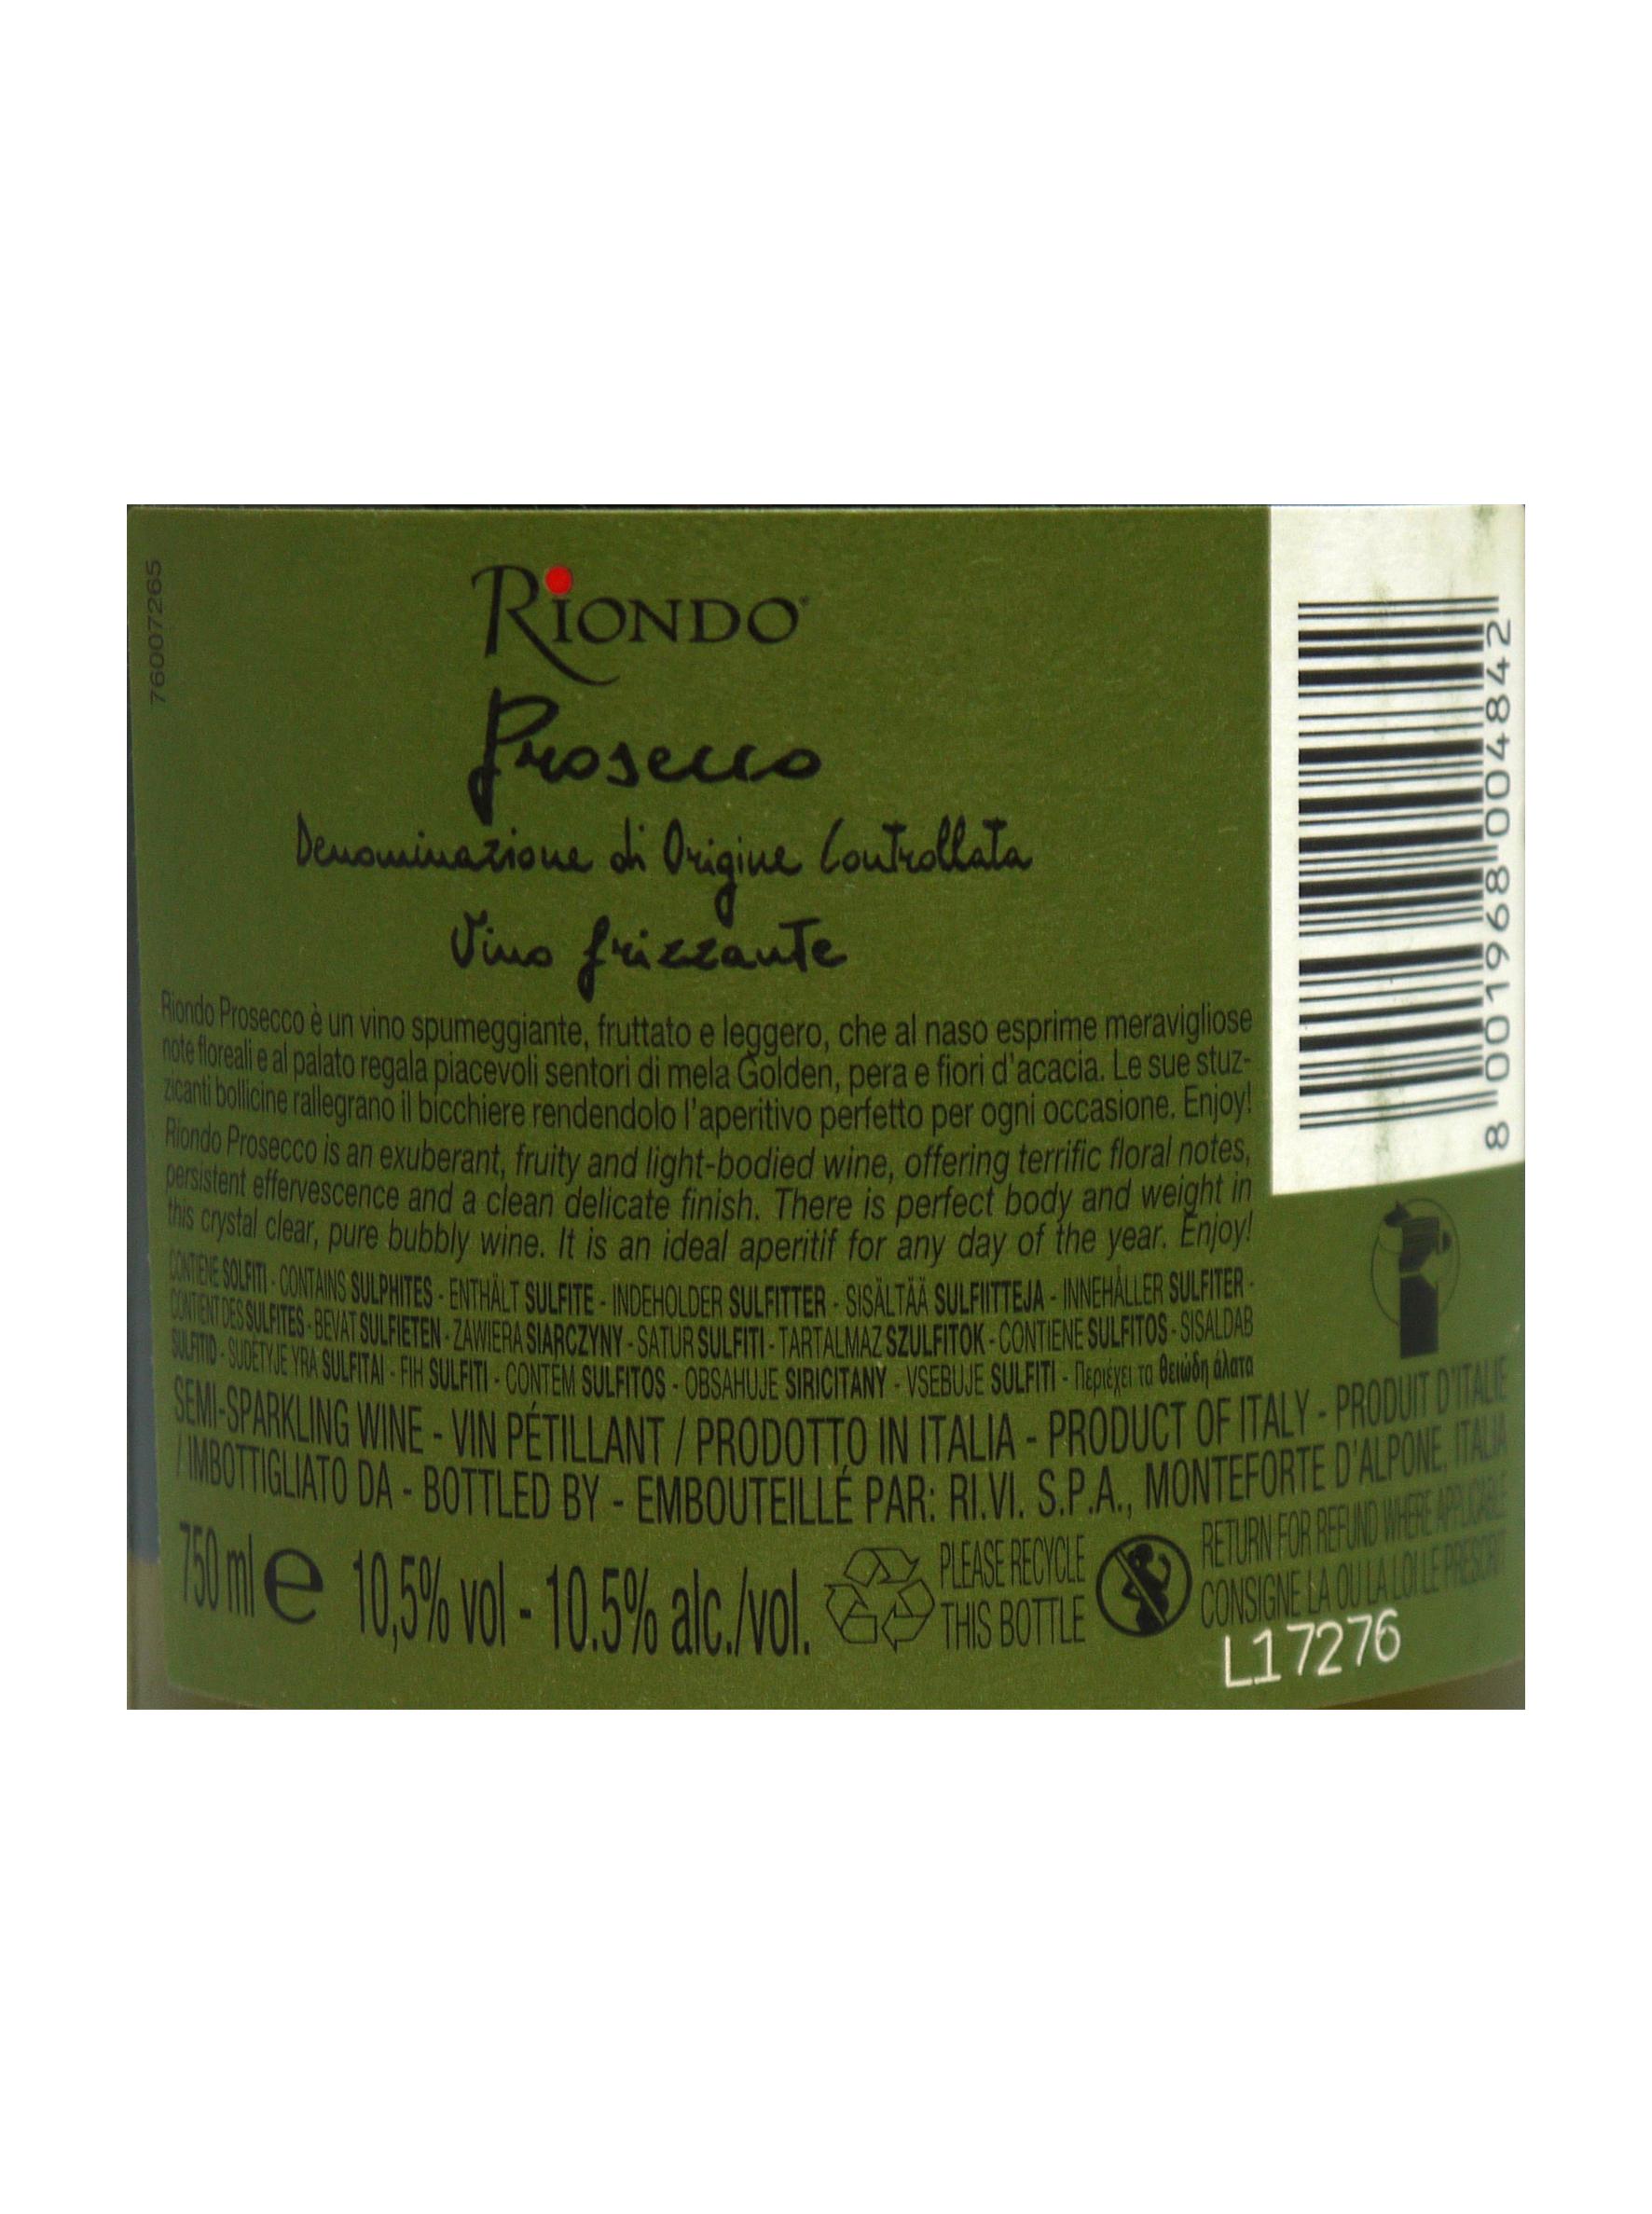 RiondoProsecco_2